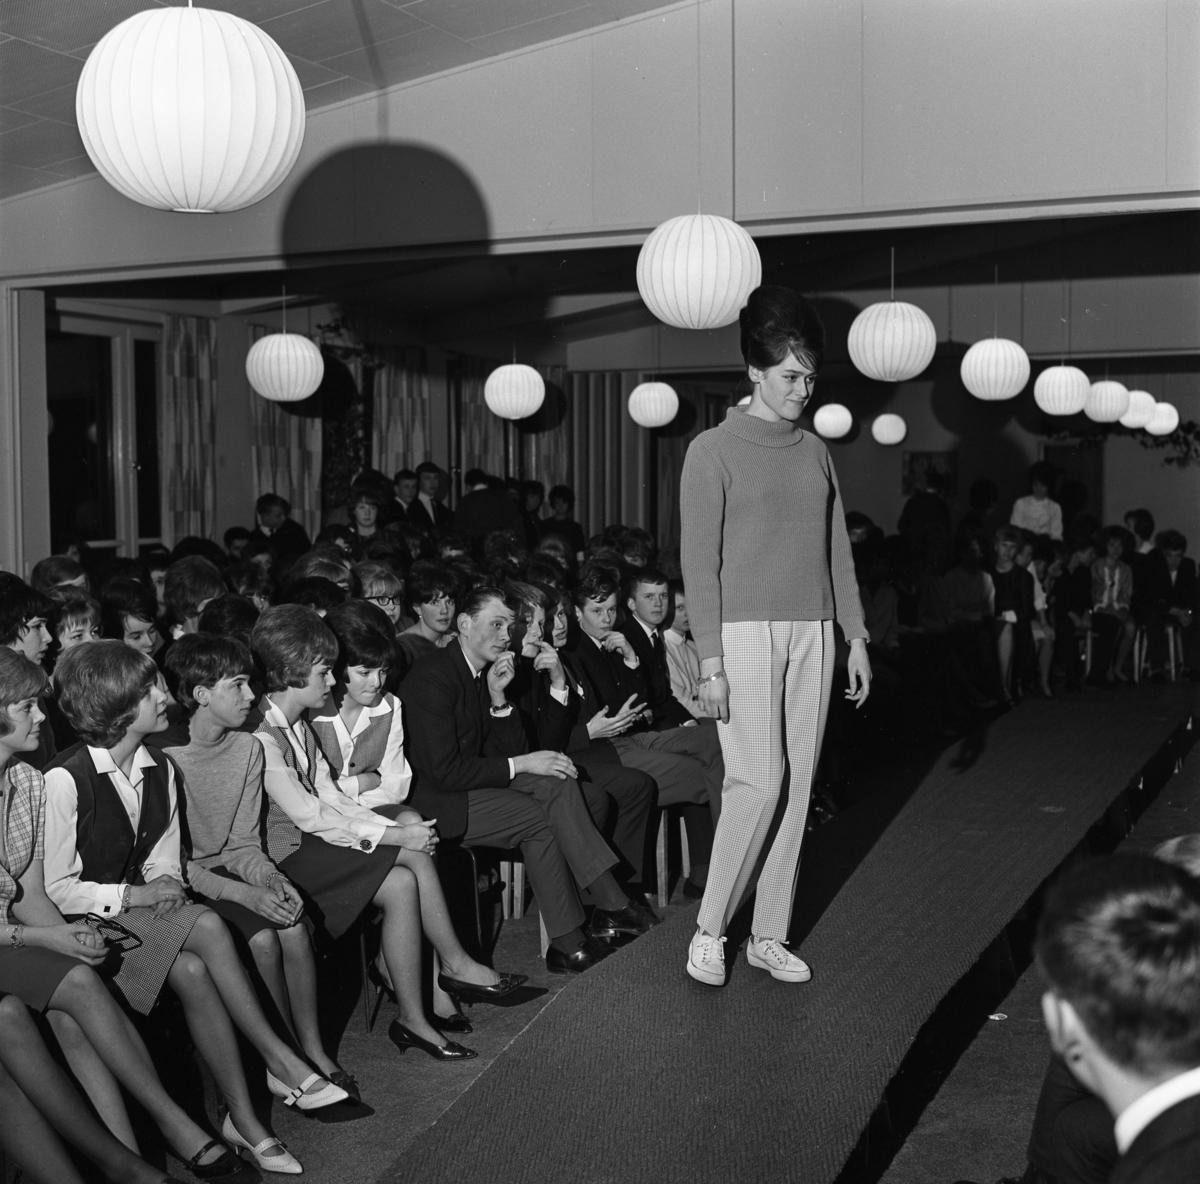 Ungdomsträff med modevisning. Ung kvinna visar polojumper och rutiga långbyxor. Publiken sitter i rader.